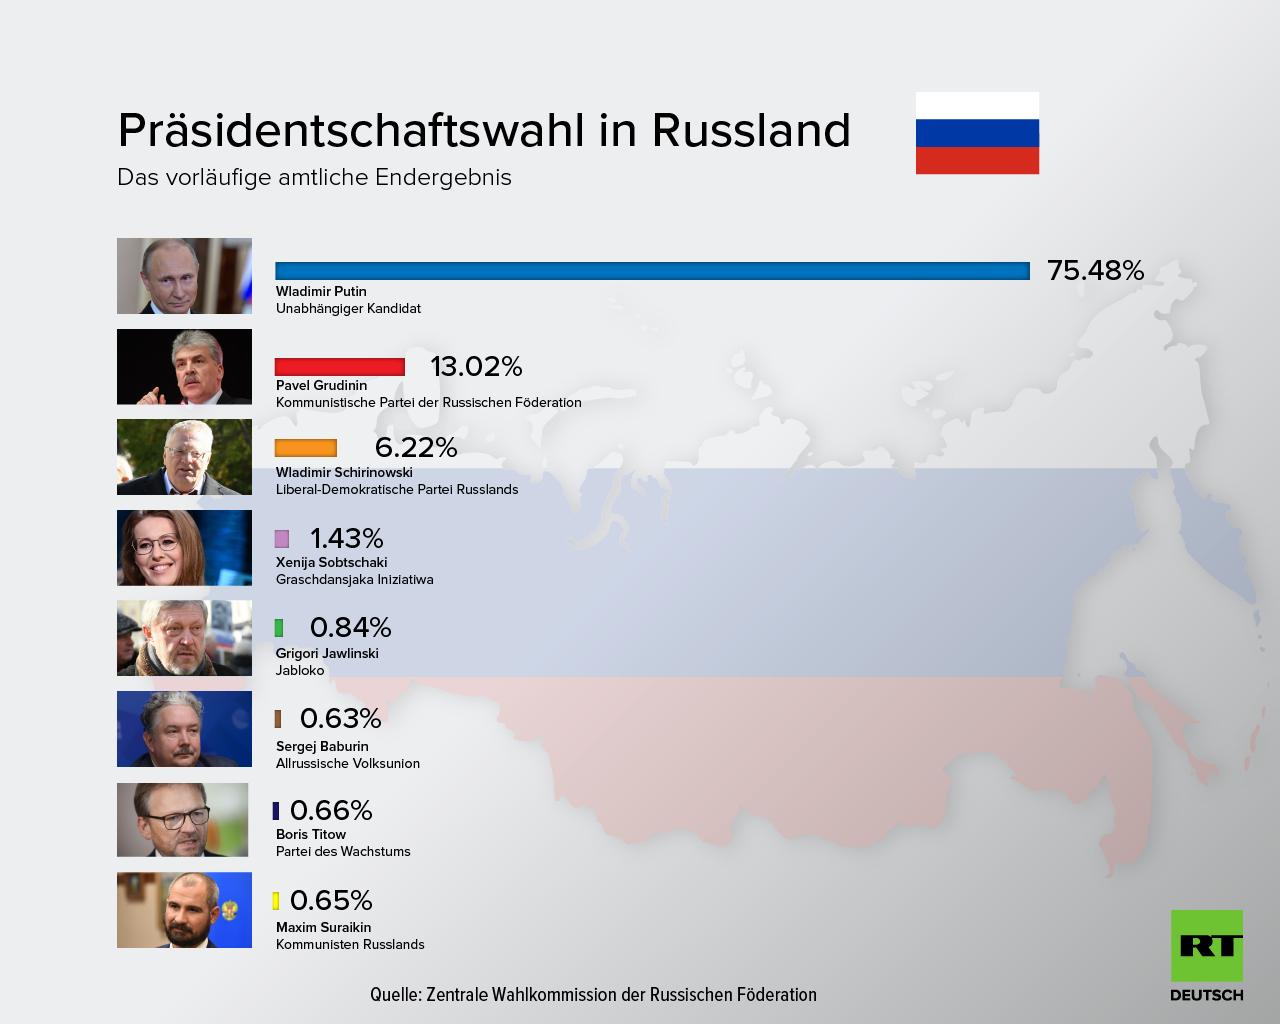 Wladimir Putin als russischer Präsident wiedergewählt - vorläufige Ergebnisse